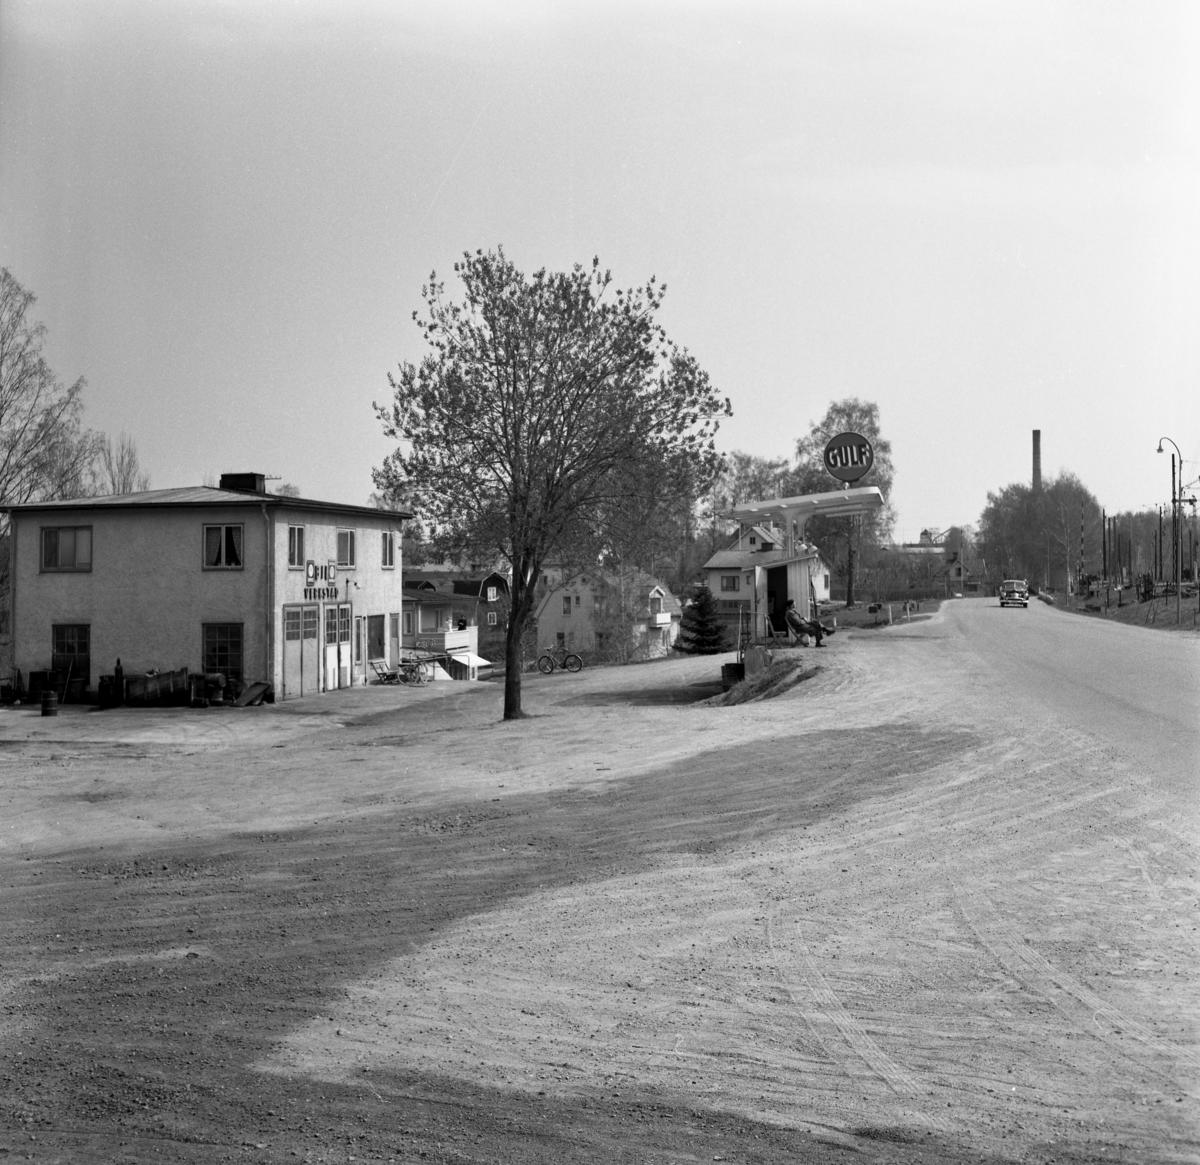 """Någonstans i Värmland - från slutet av 1950-talet. Kommentar från användare: """"Deje, strax öster om järvägsstationen ungefär där brandstationen ligger idag. NKlJs bangård till höger. Brukets skorsten skymtar i bakgrunden""""."""